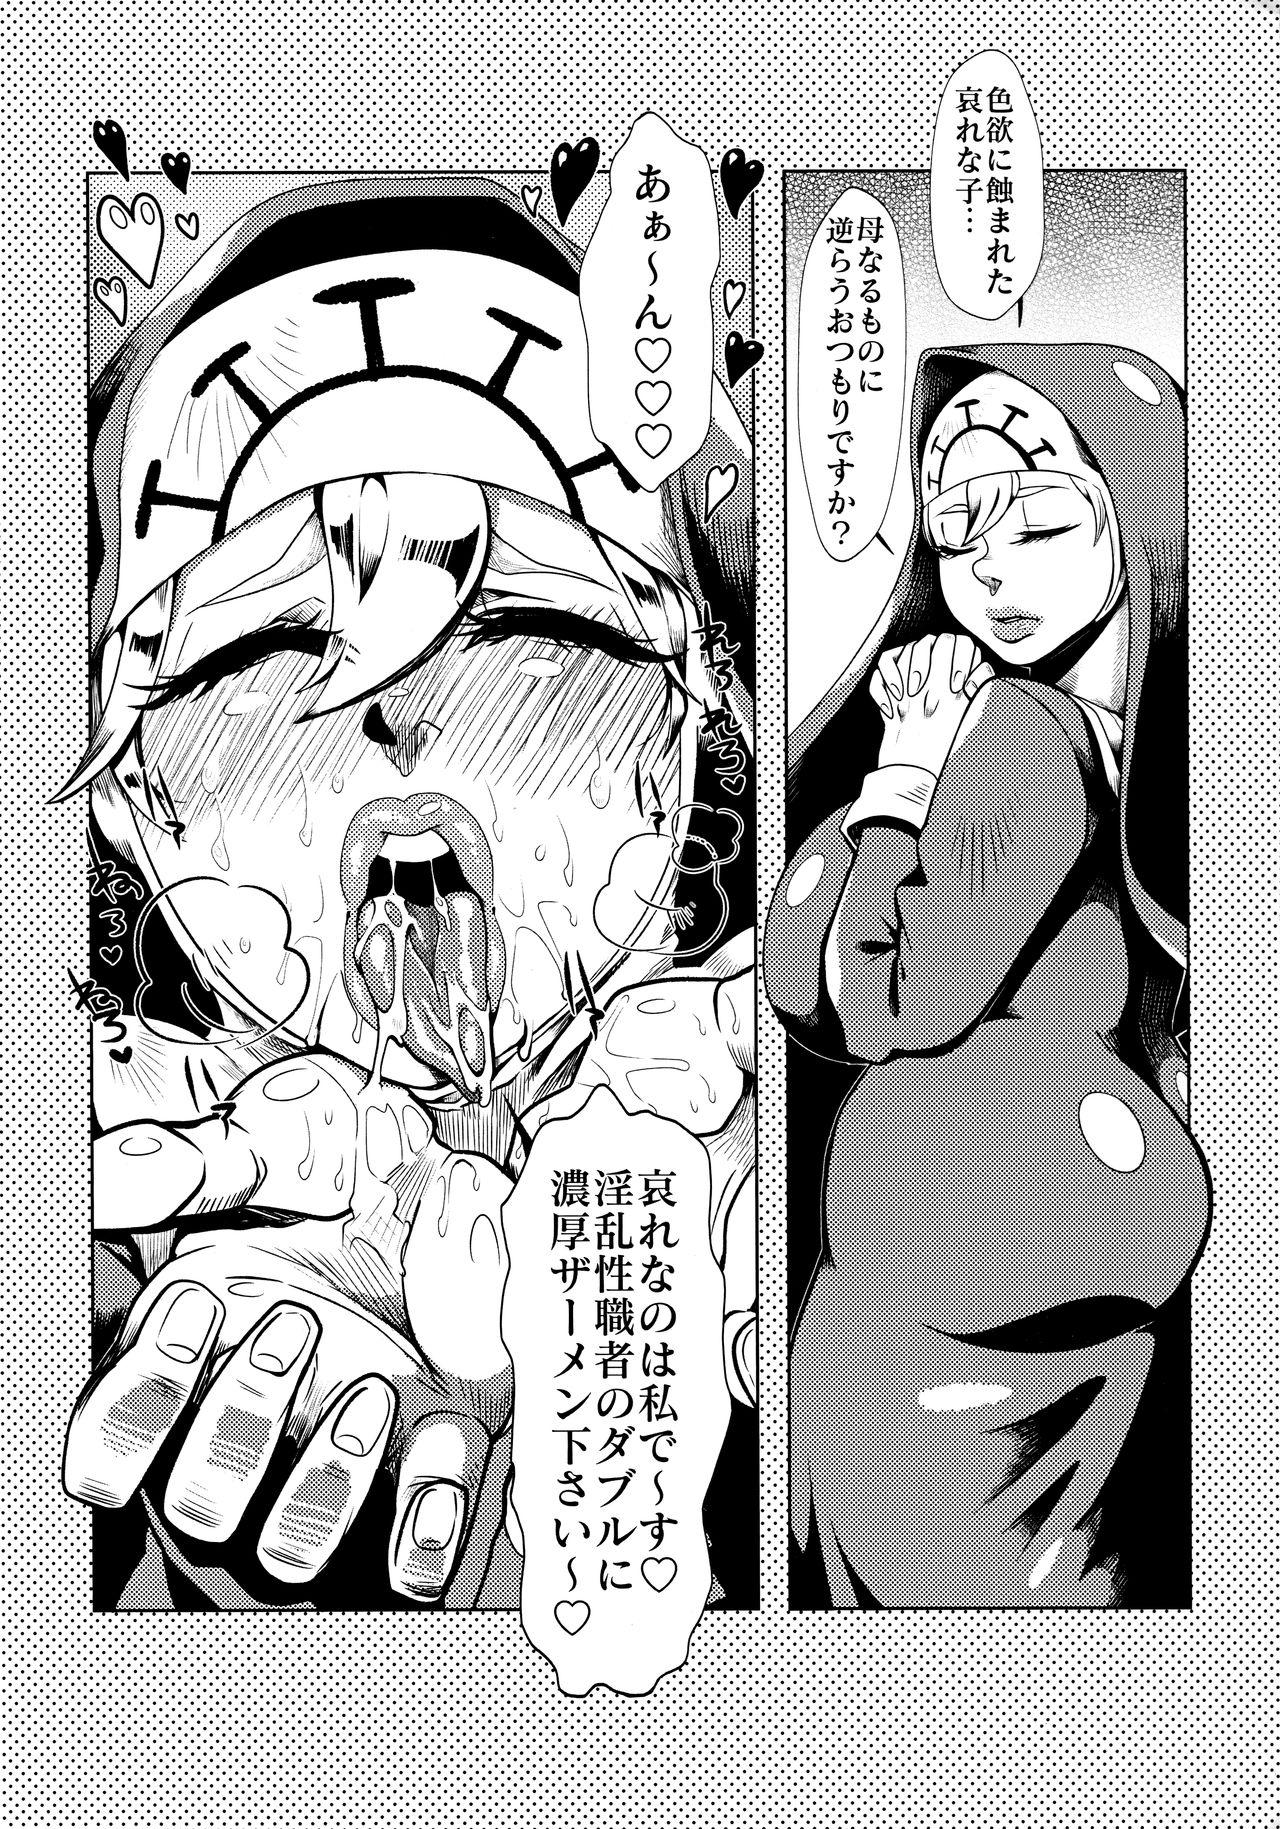 Kaku Geekyara Soku Ochi 2 Koma Hon 9